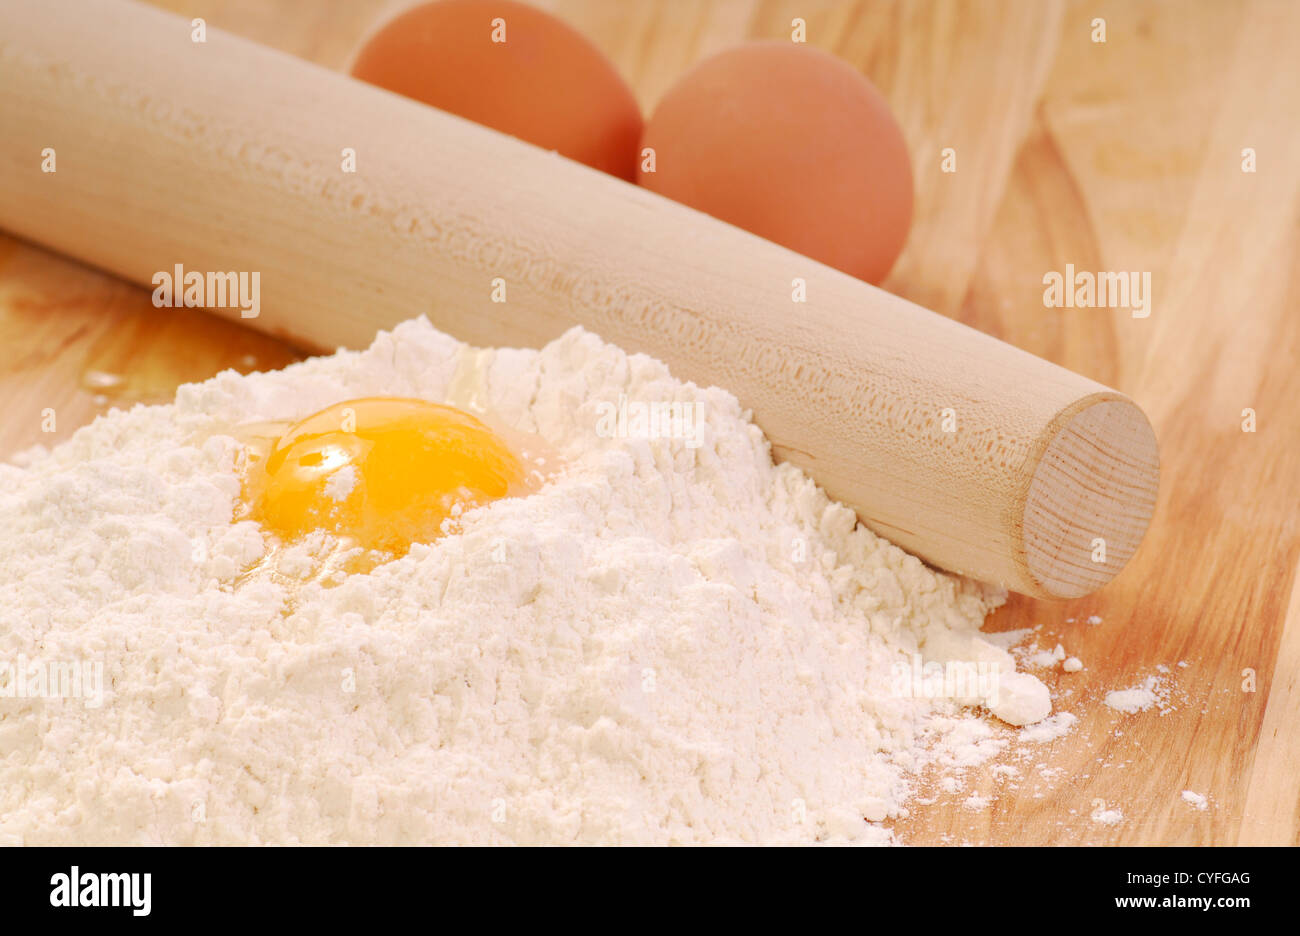 Zutaten für die Herstellung frischen Pasta vorbereitet auf ein Schneidebrett Stockbild